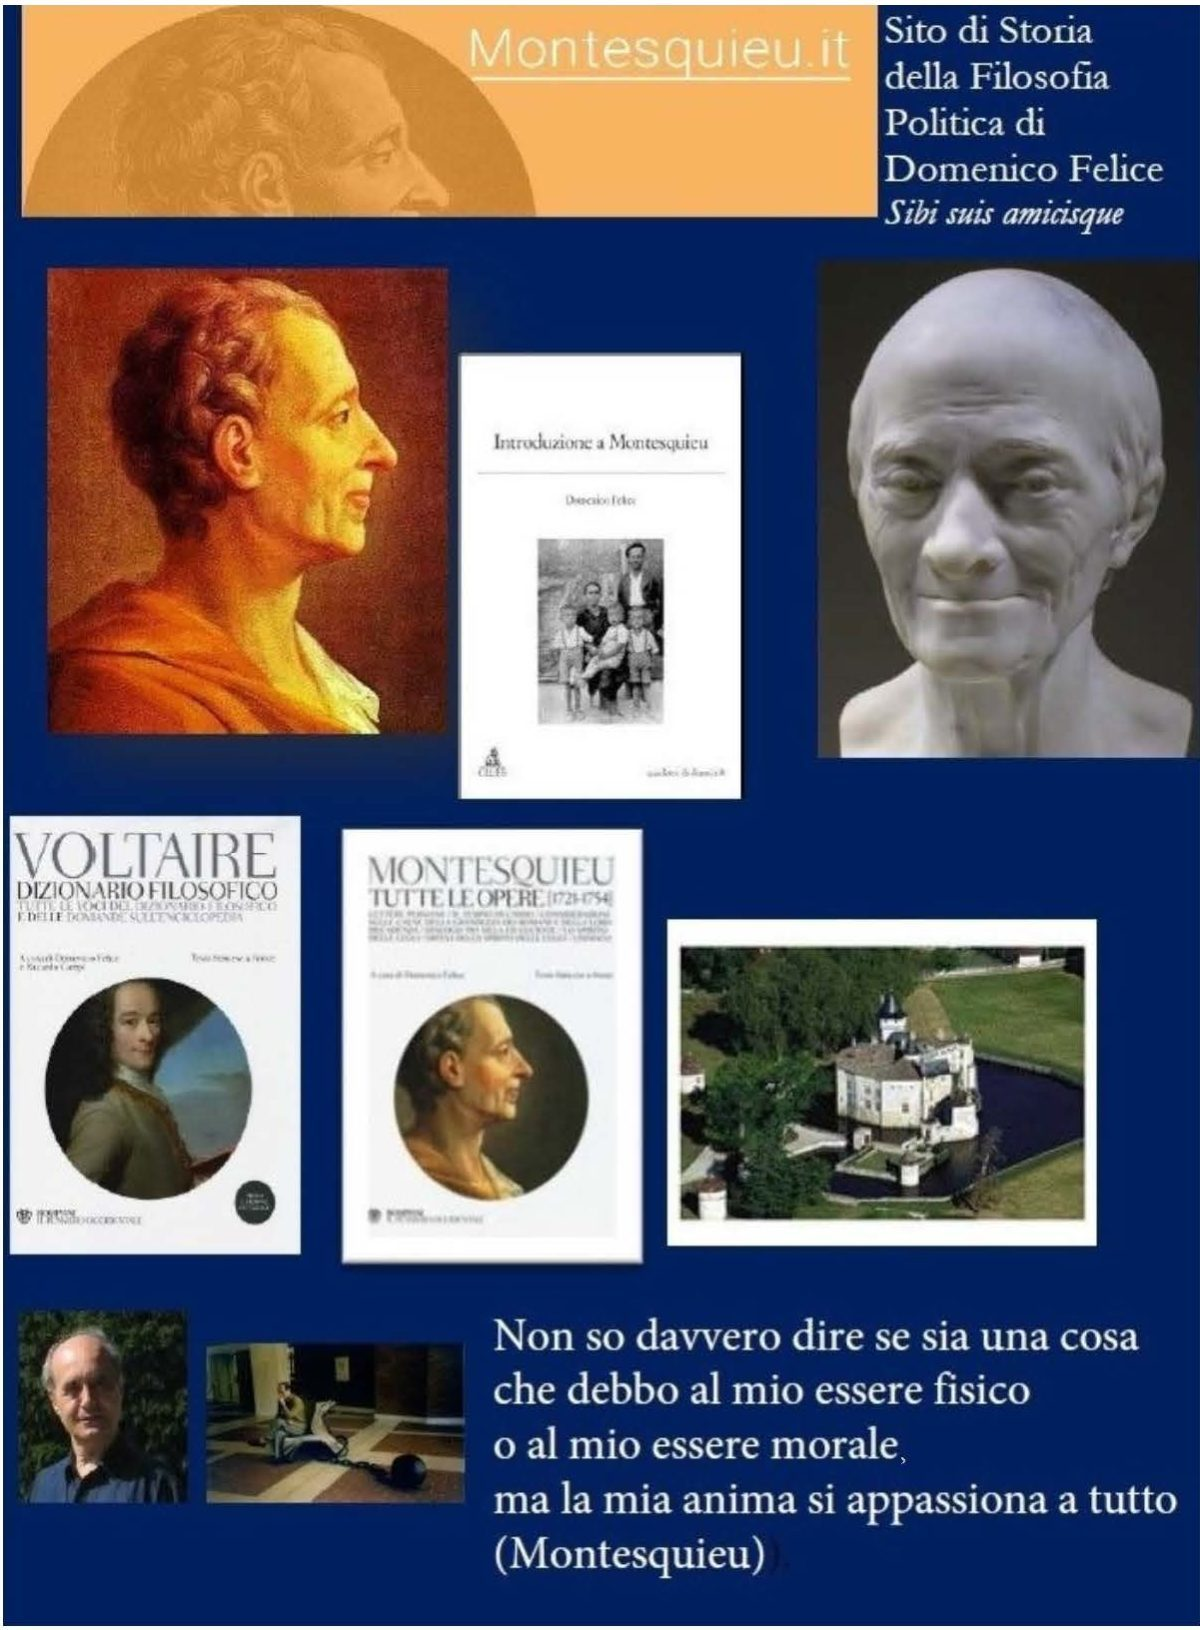 Sito di Storia della Filosofia Politica di Domenico Felice